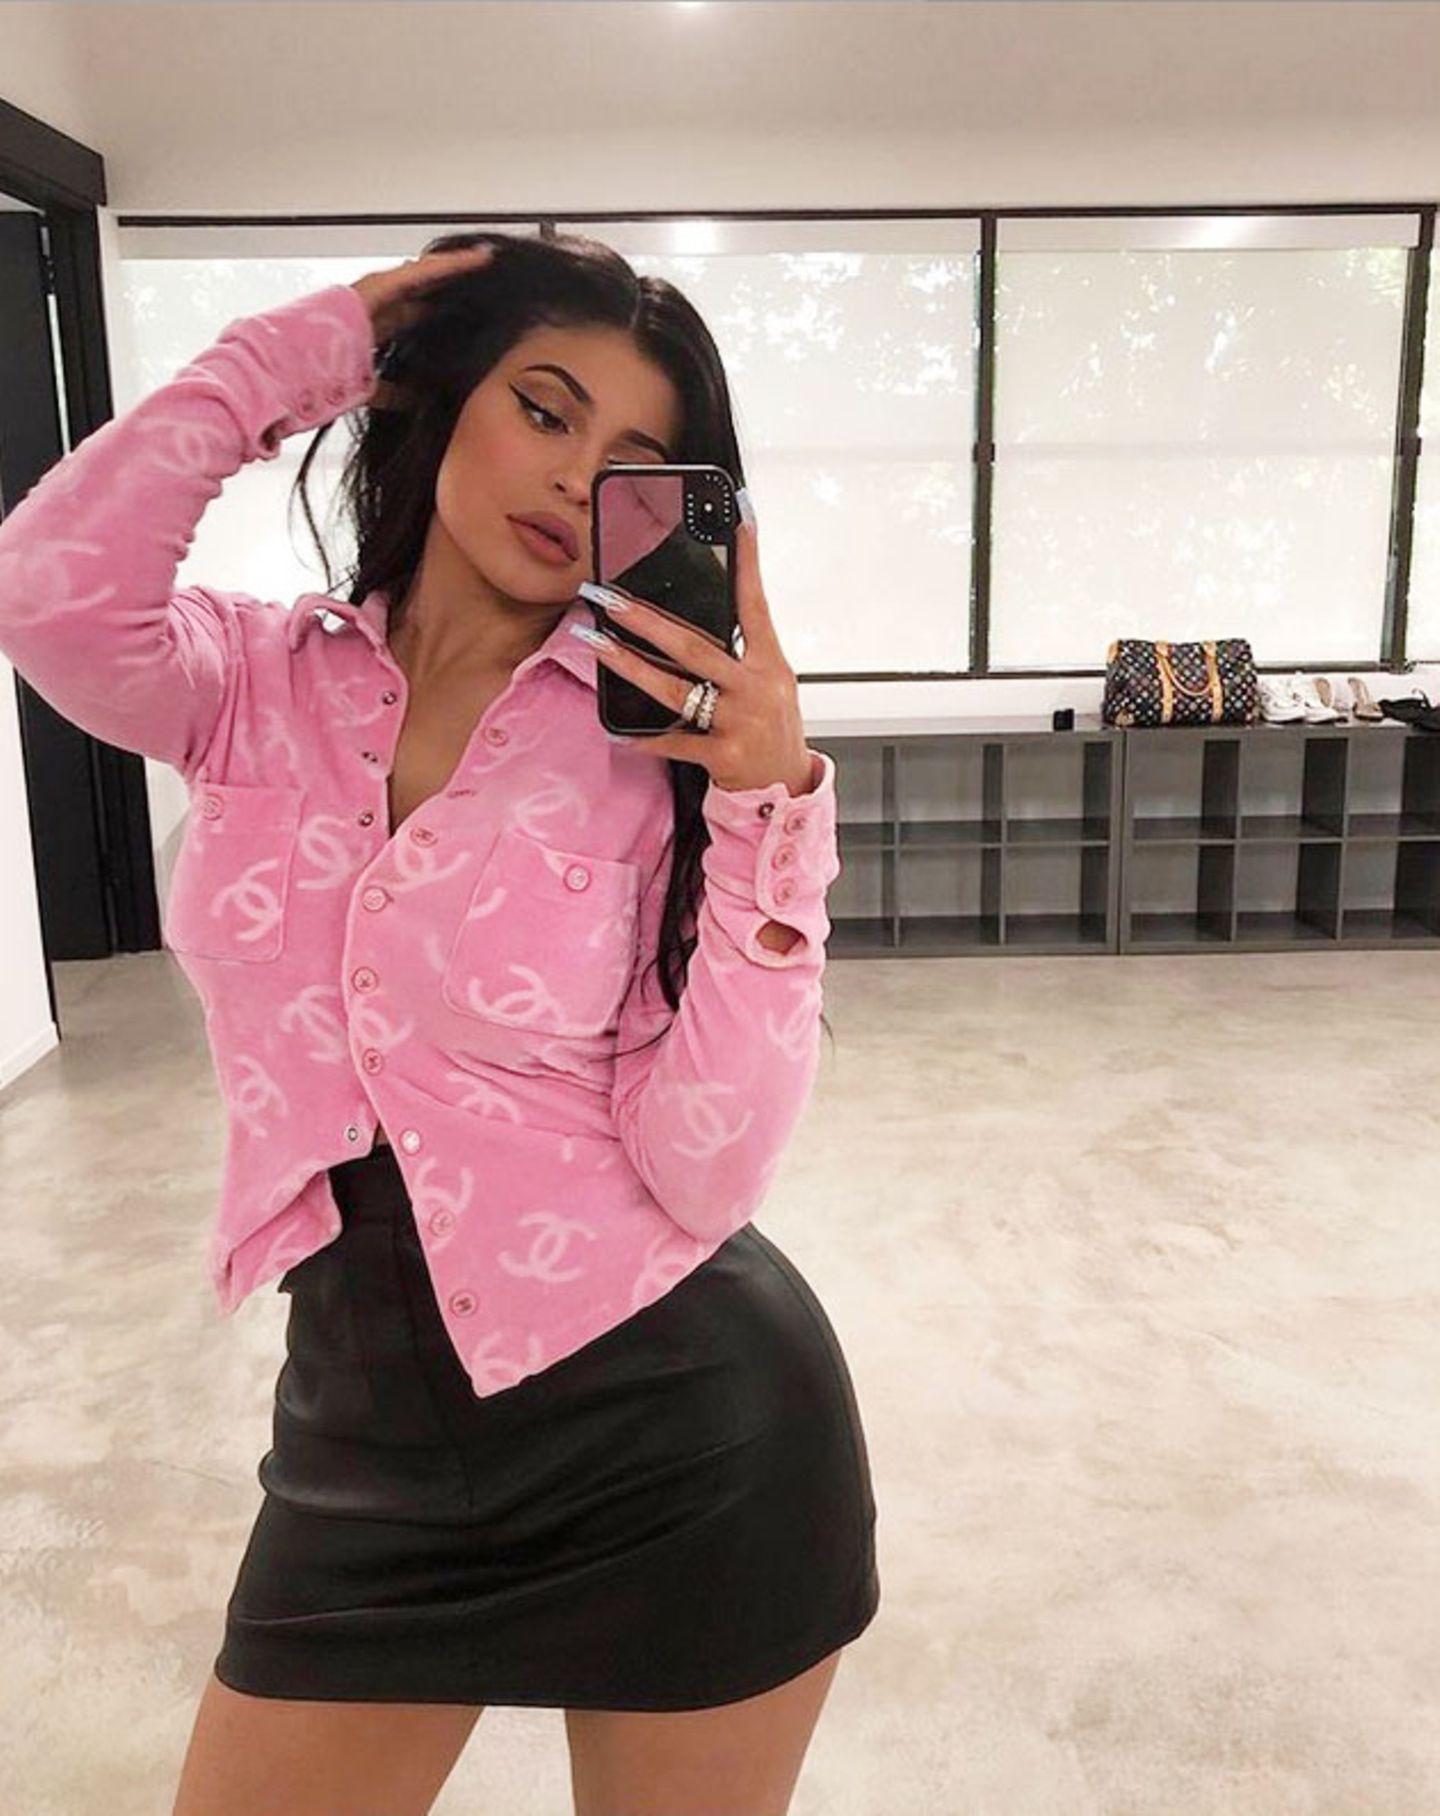 Kunst im Gesicht: Kylie Jenner verschmilzt optisch mit ihrer Handy-Hülle.